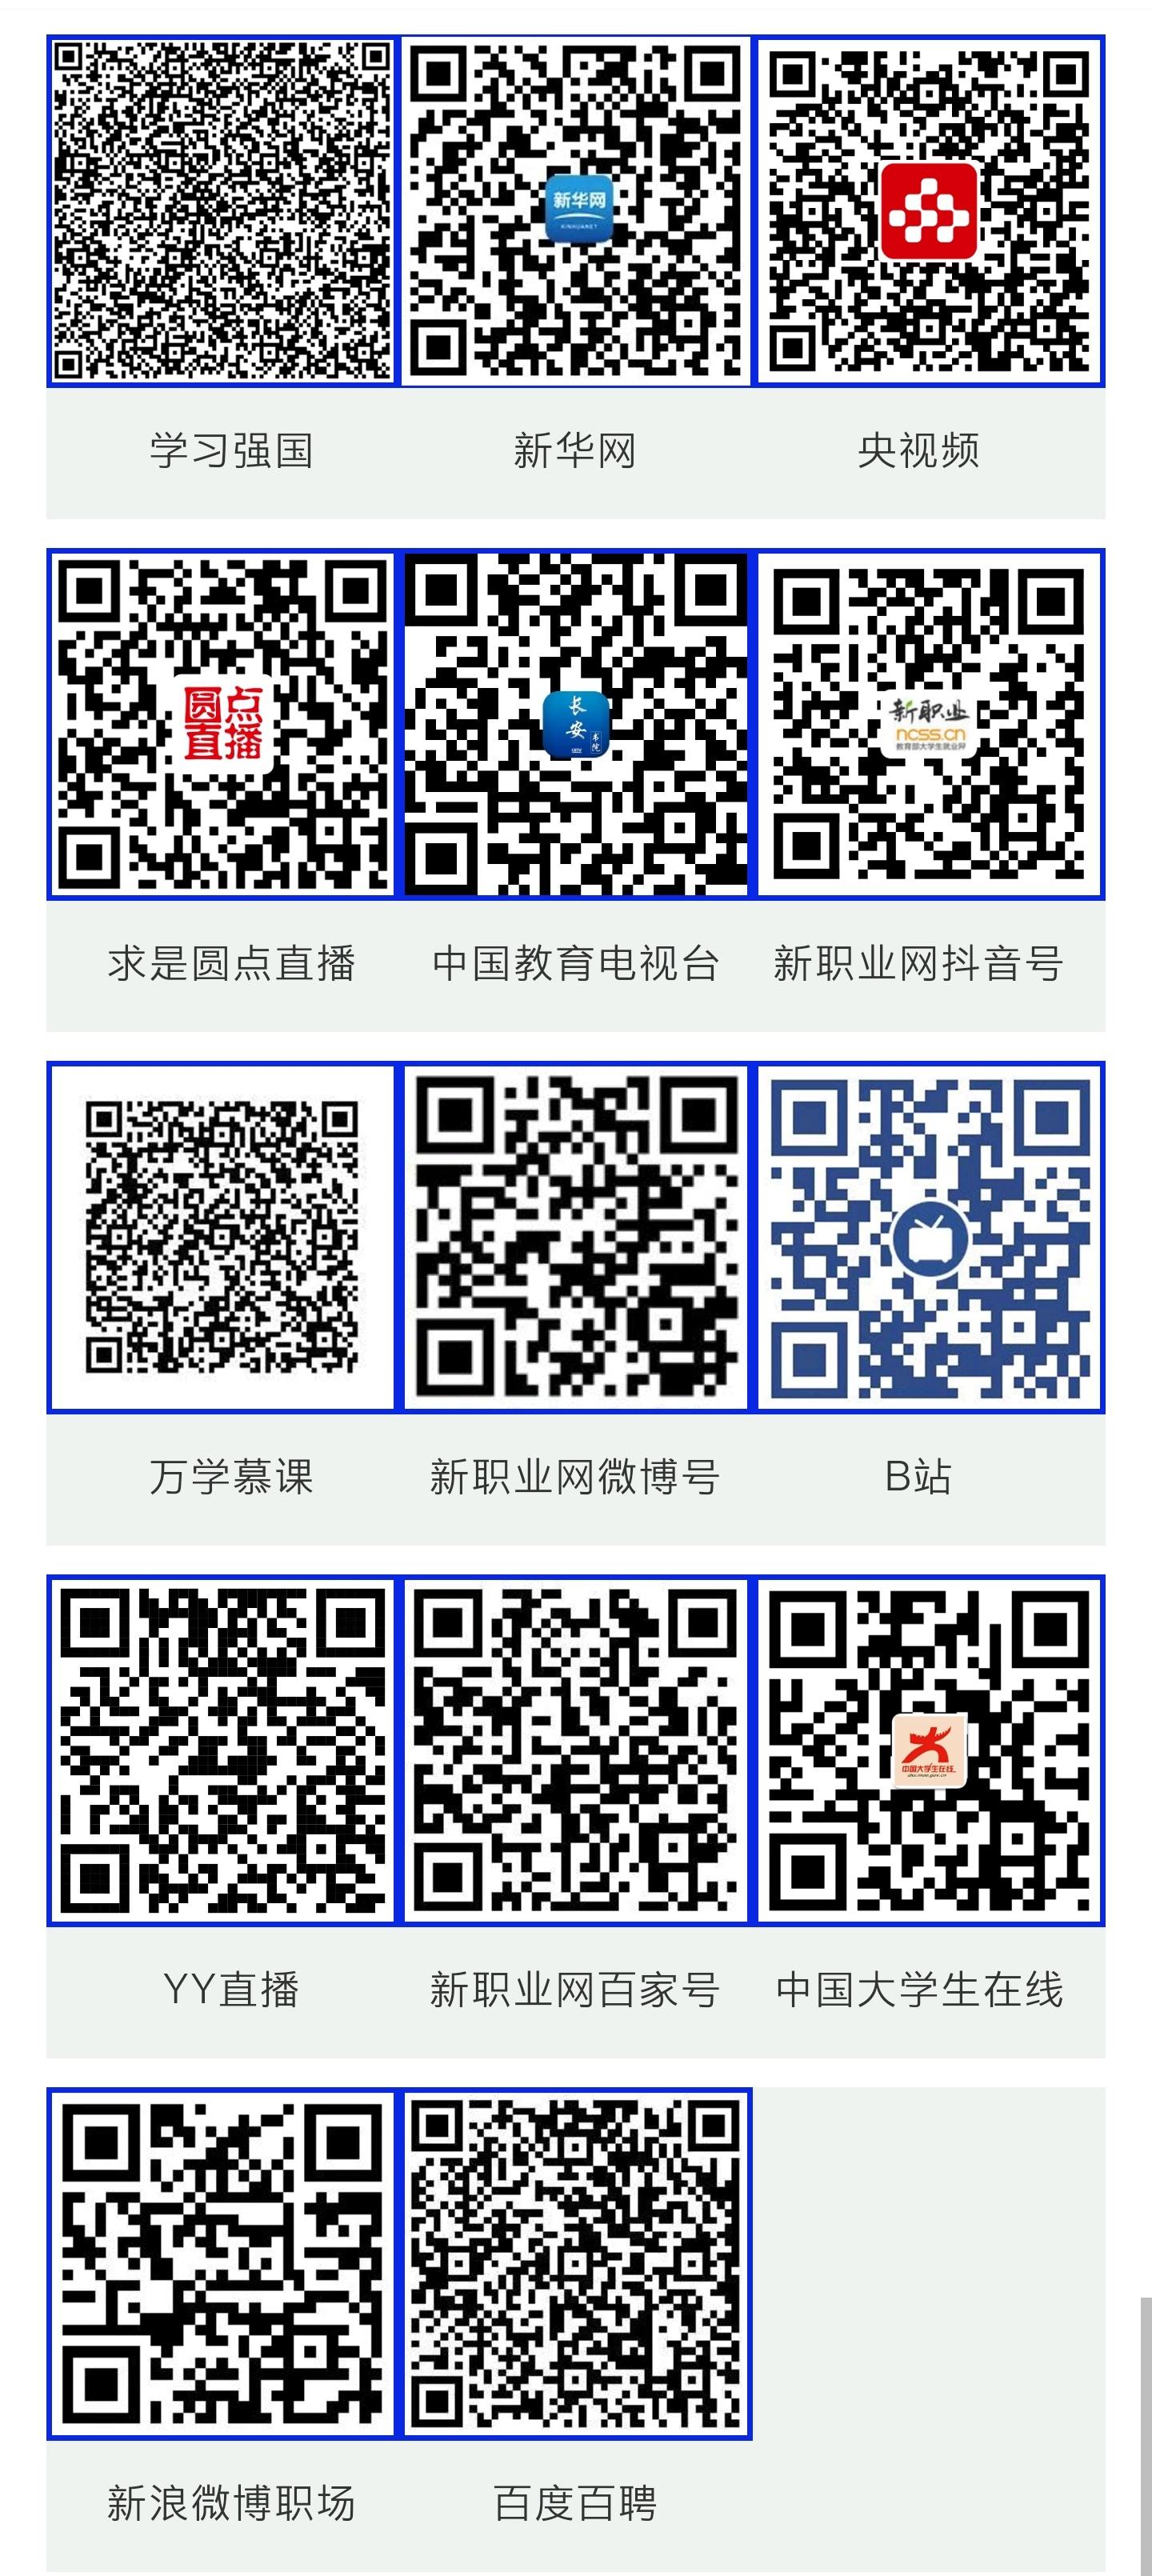 微信图片_20211009205735.jpg